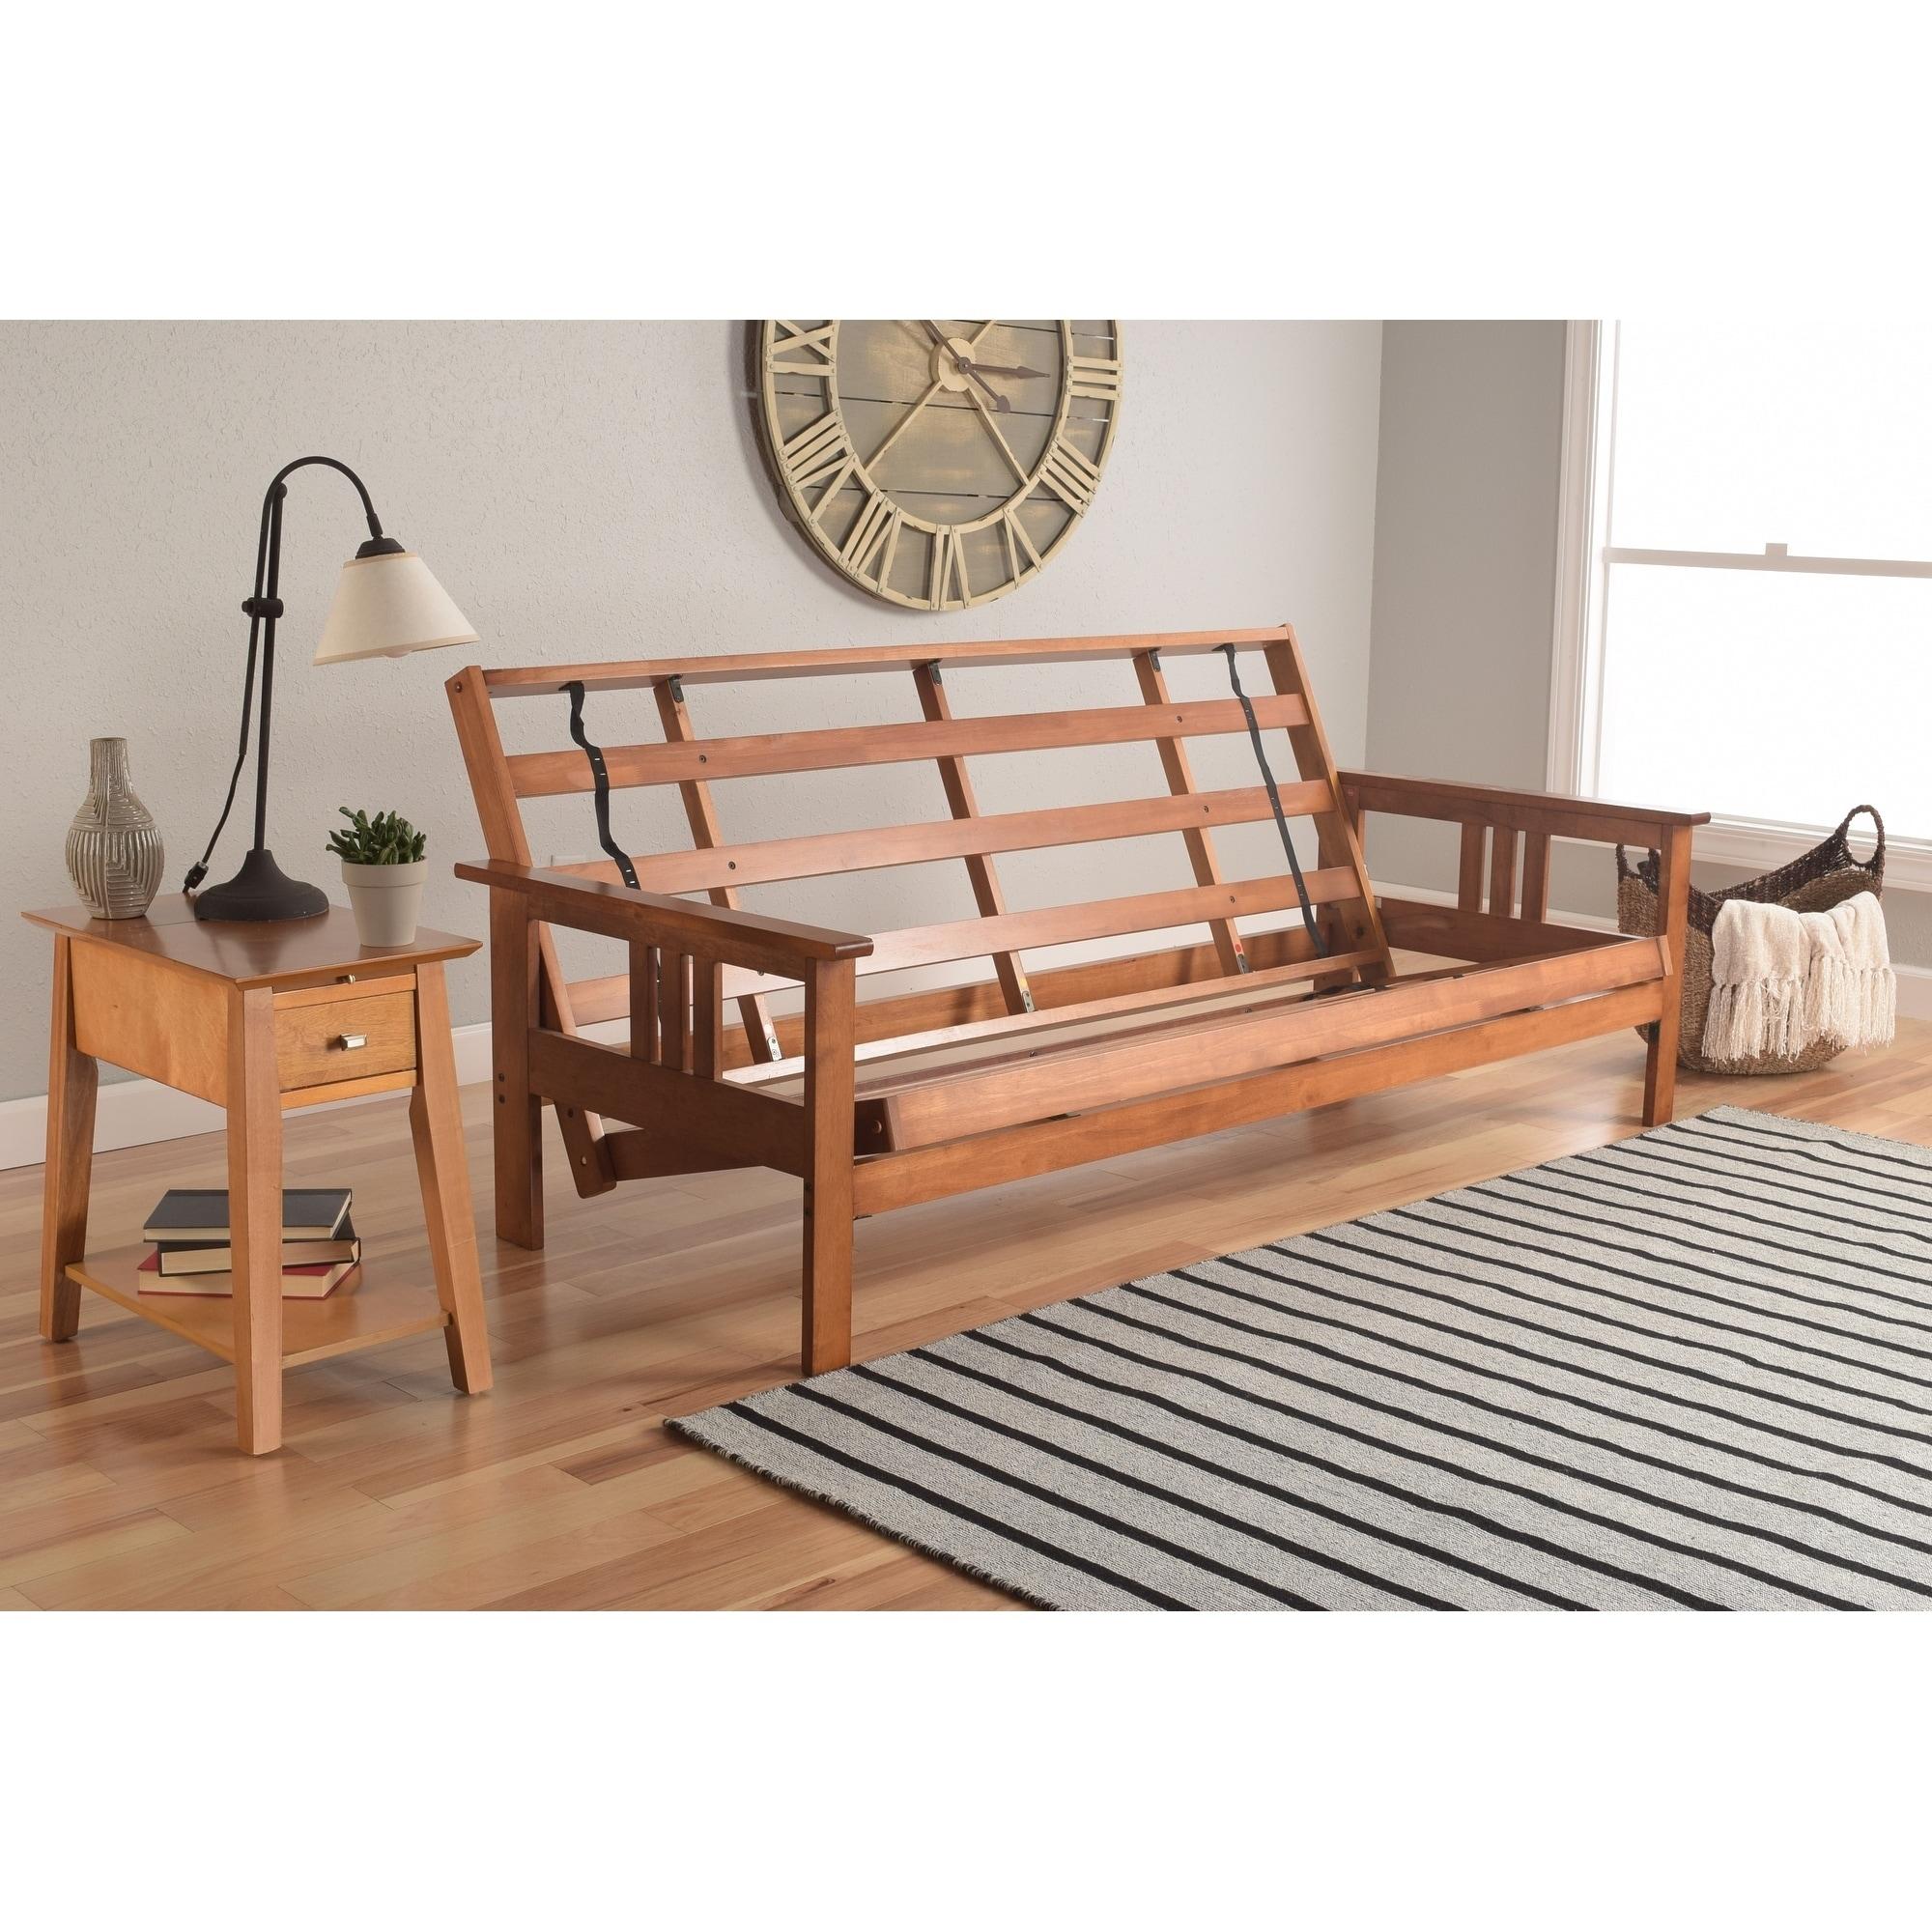 Somette Beli Mont Multi Flex Honey Oak Full Size Wood Futon Frame